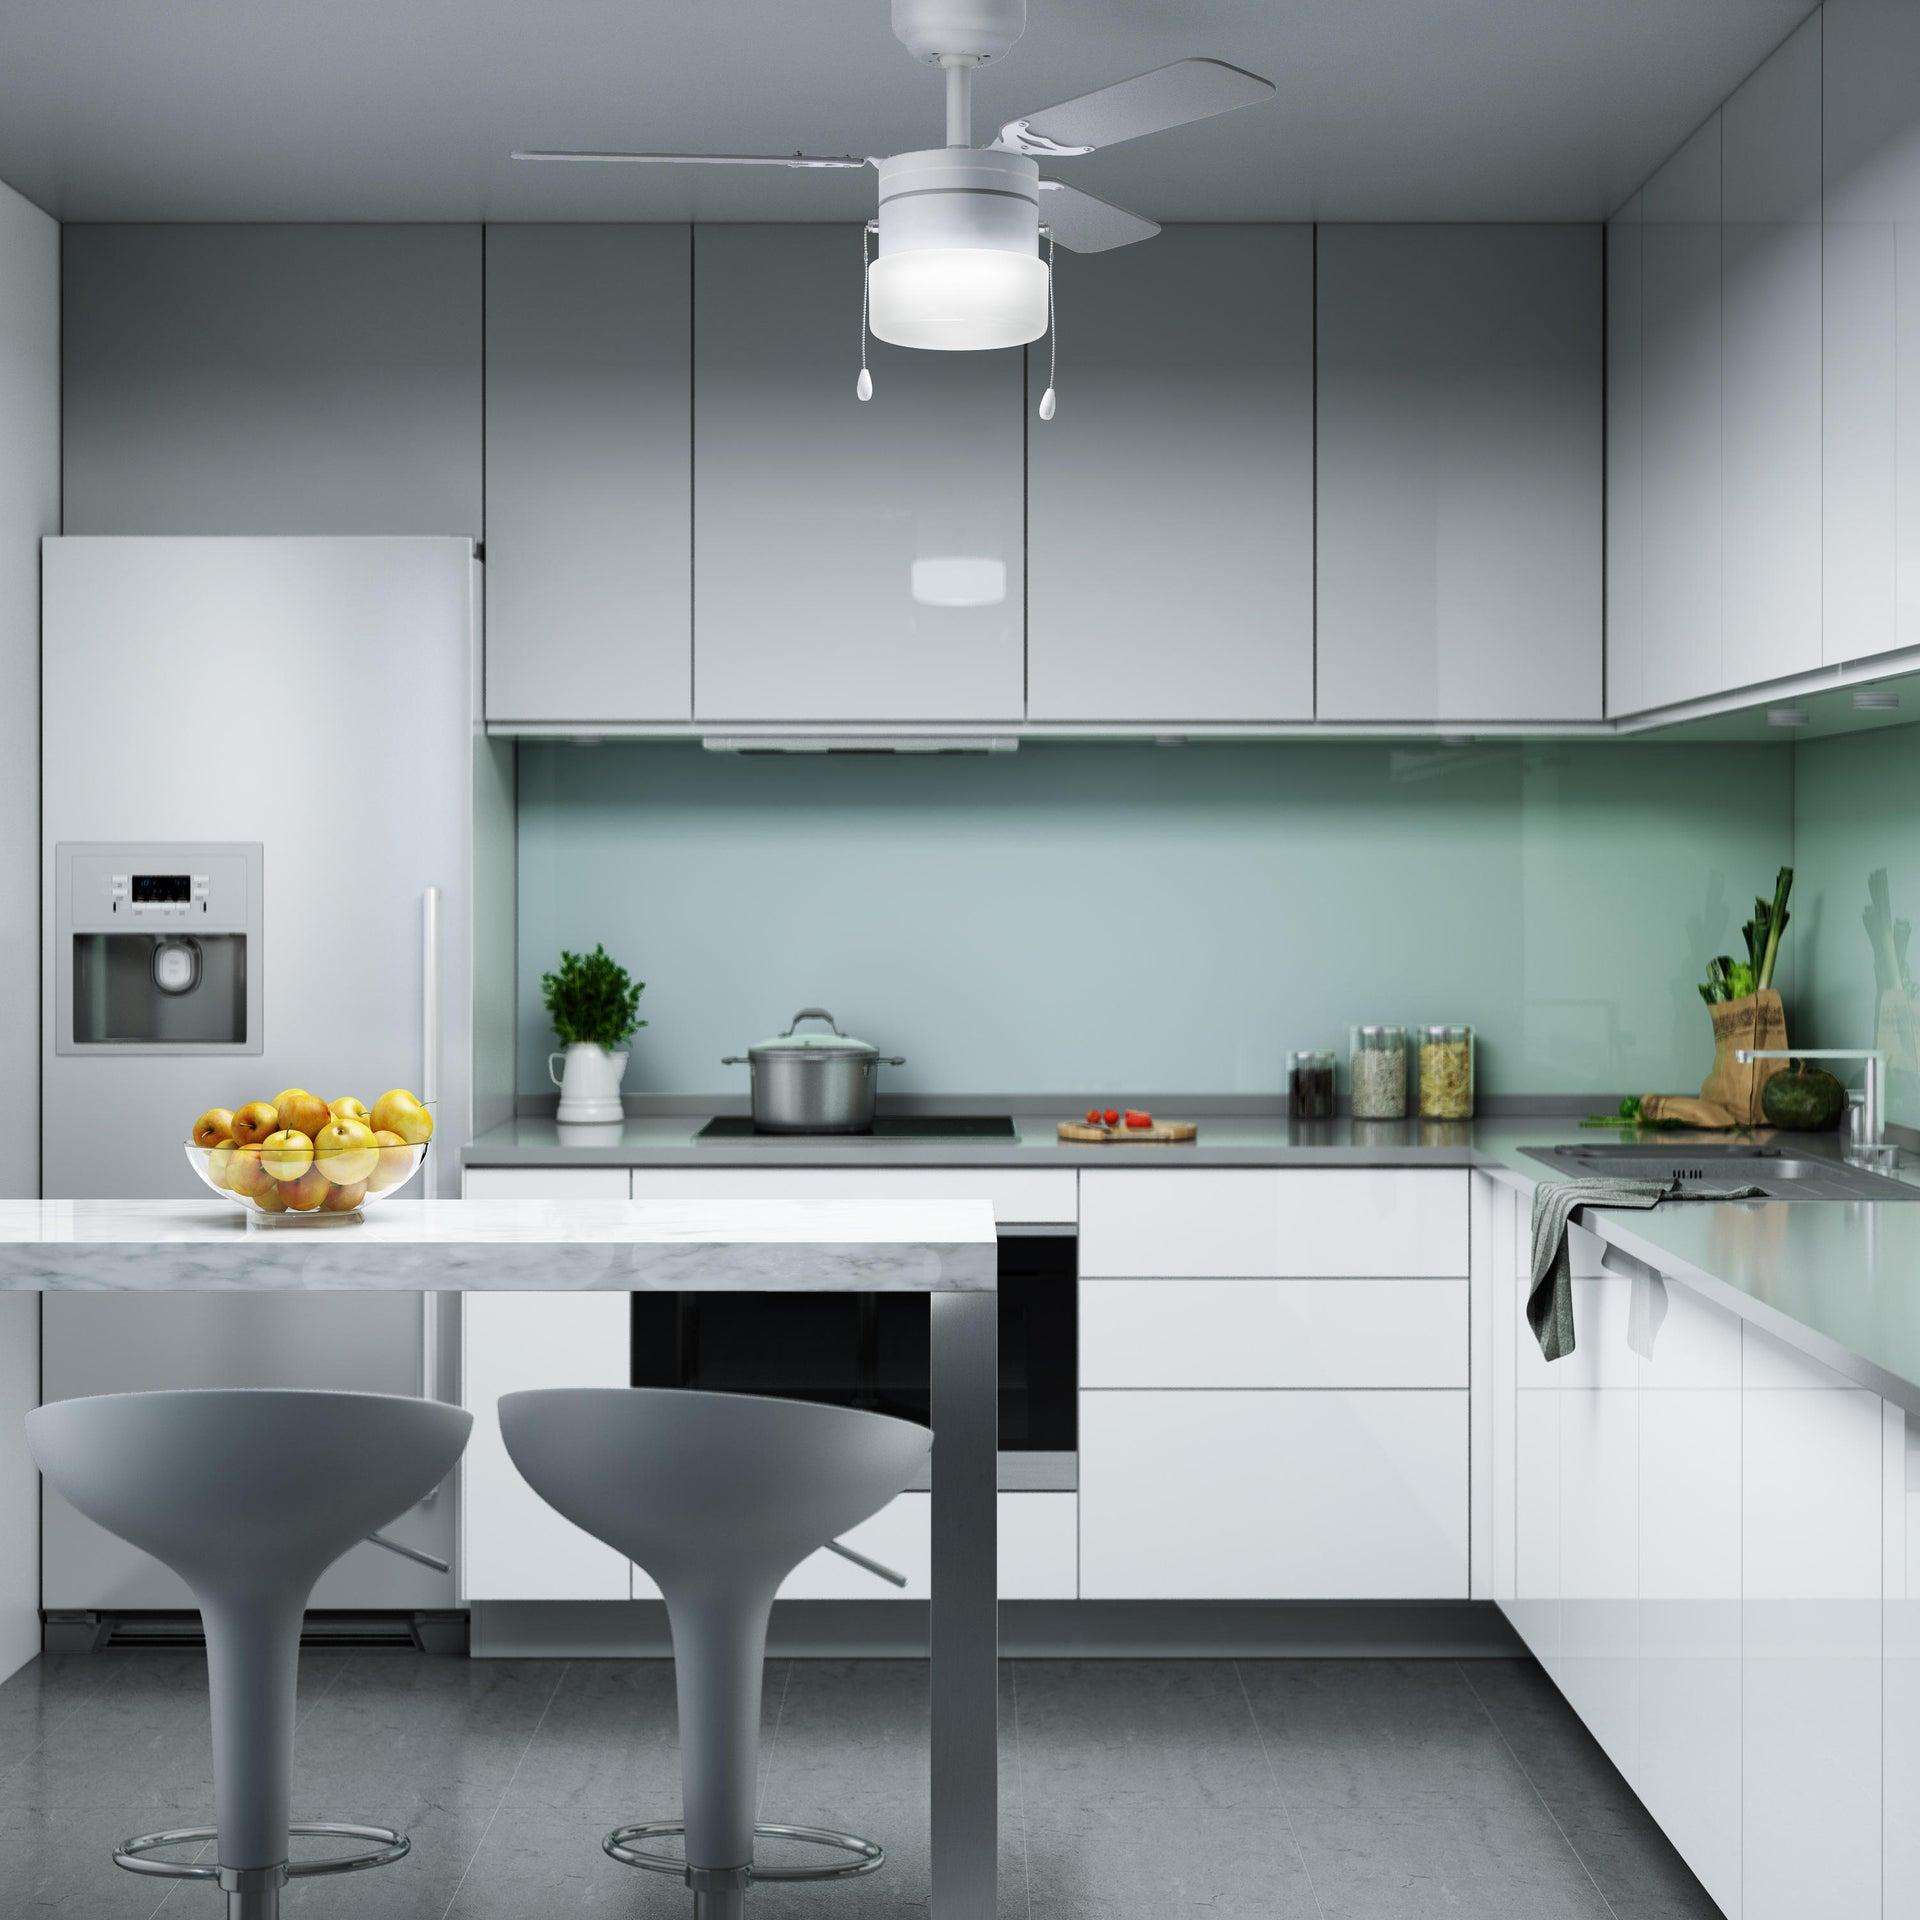 Ventilatore da soffitto Ana, grigio argento/bianco, D. 91 cm INSPIRE - 4